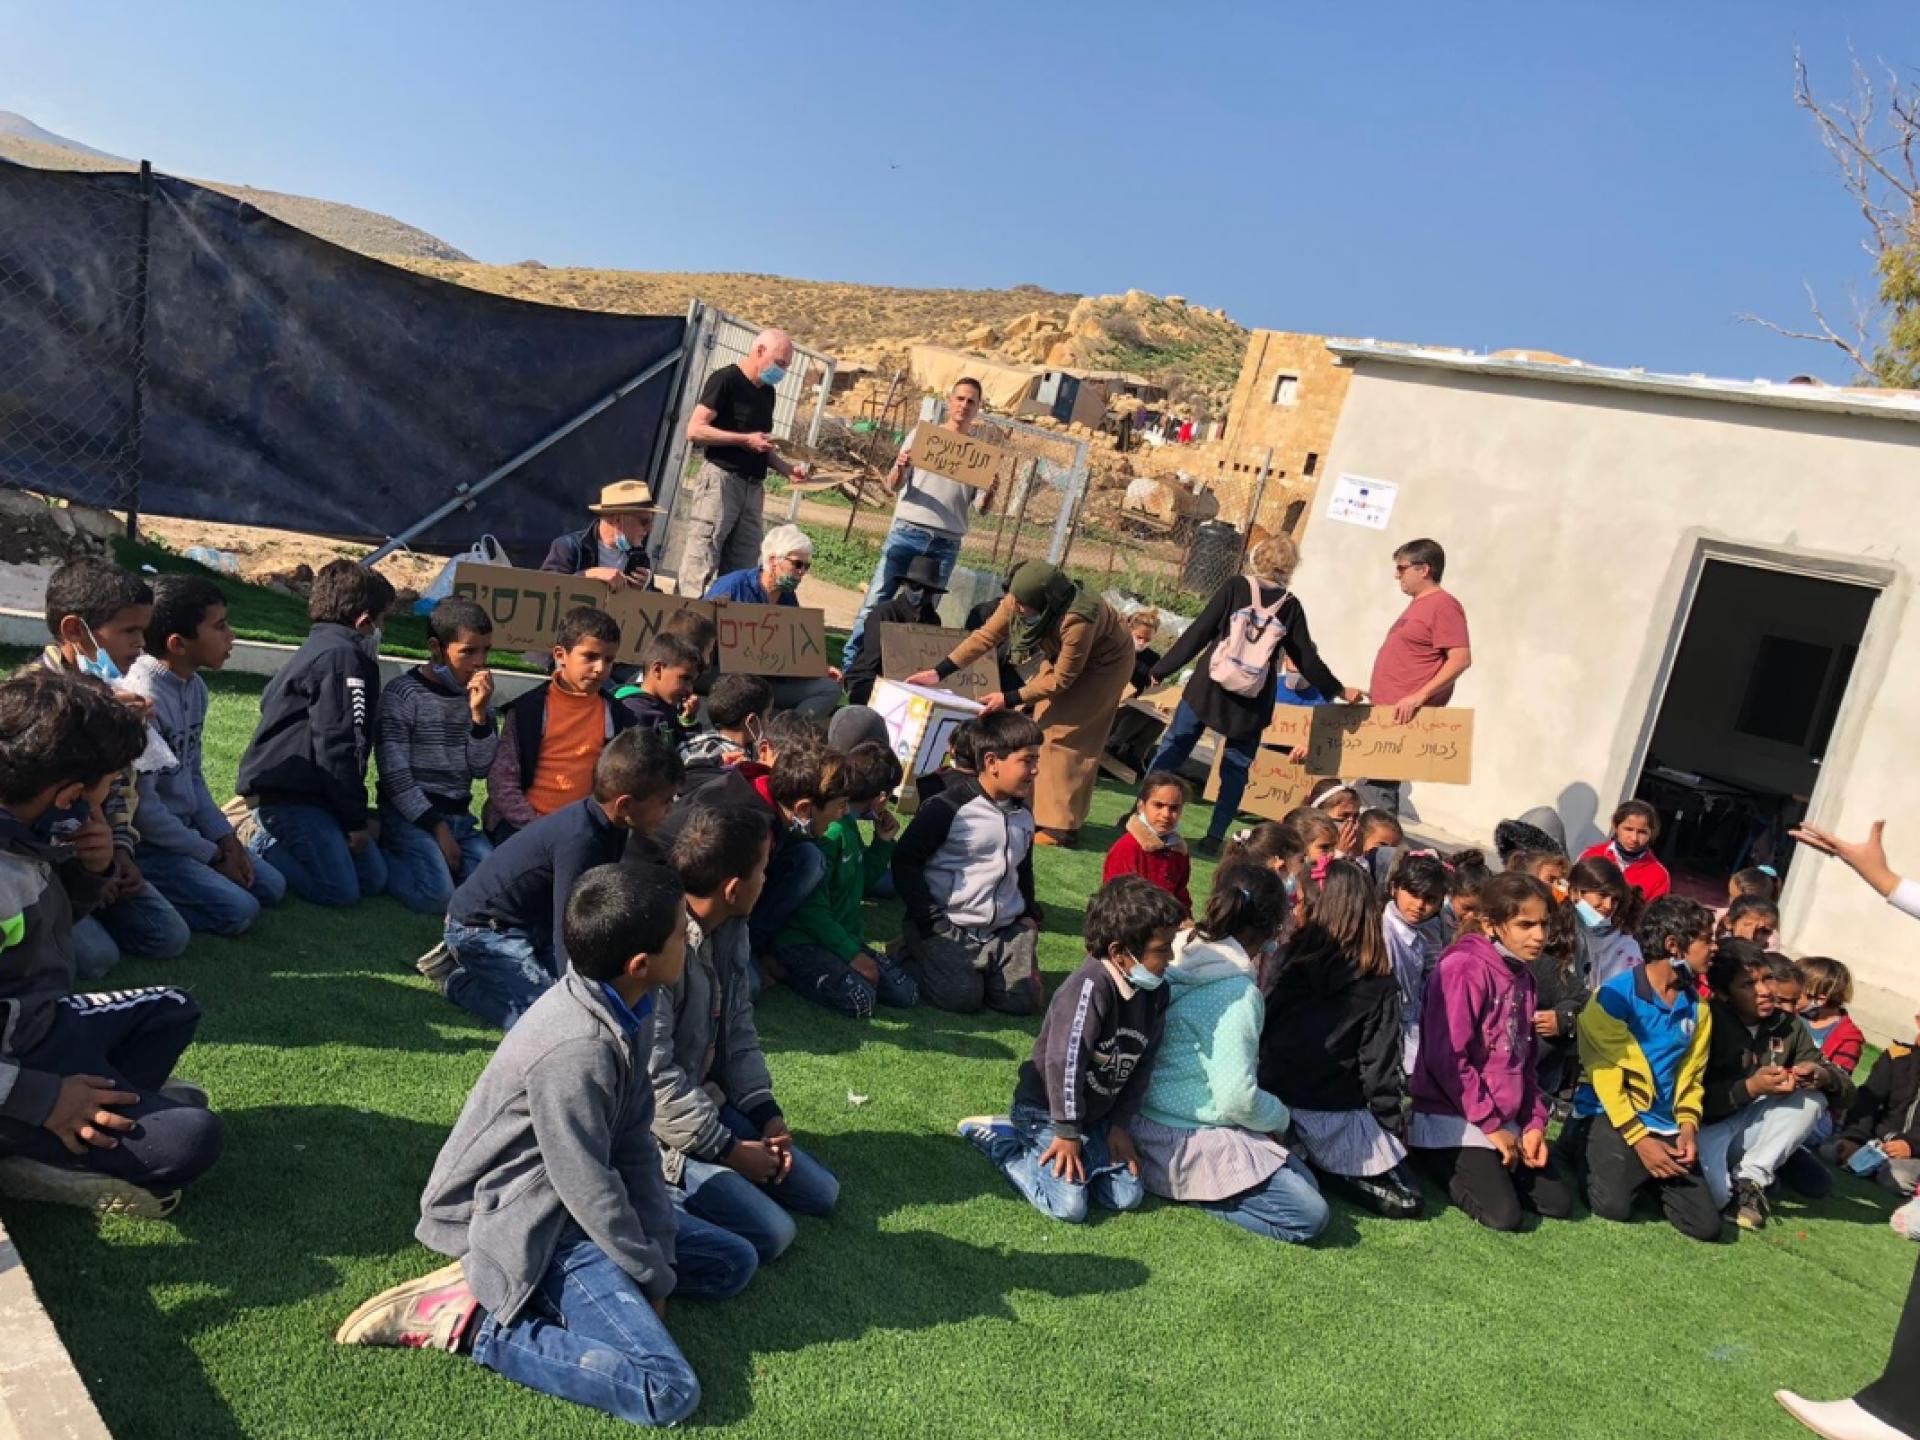 בחצר קטנה של בית הספר יושבים תלמידים, מורים ופעילי שלום